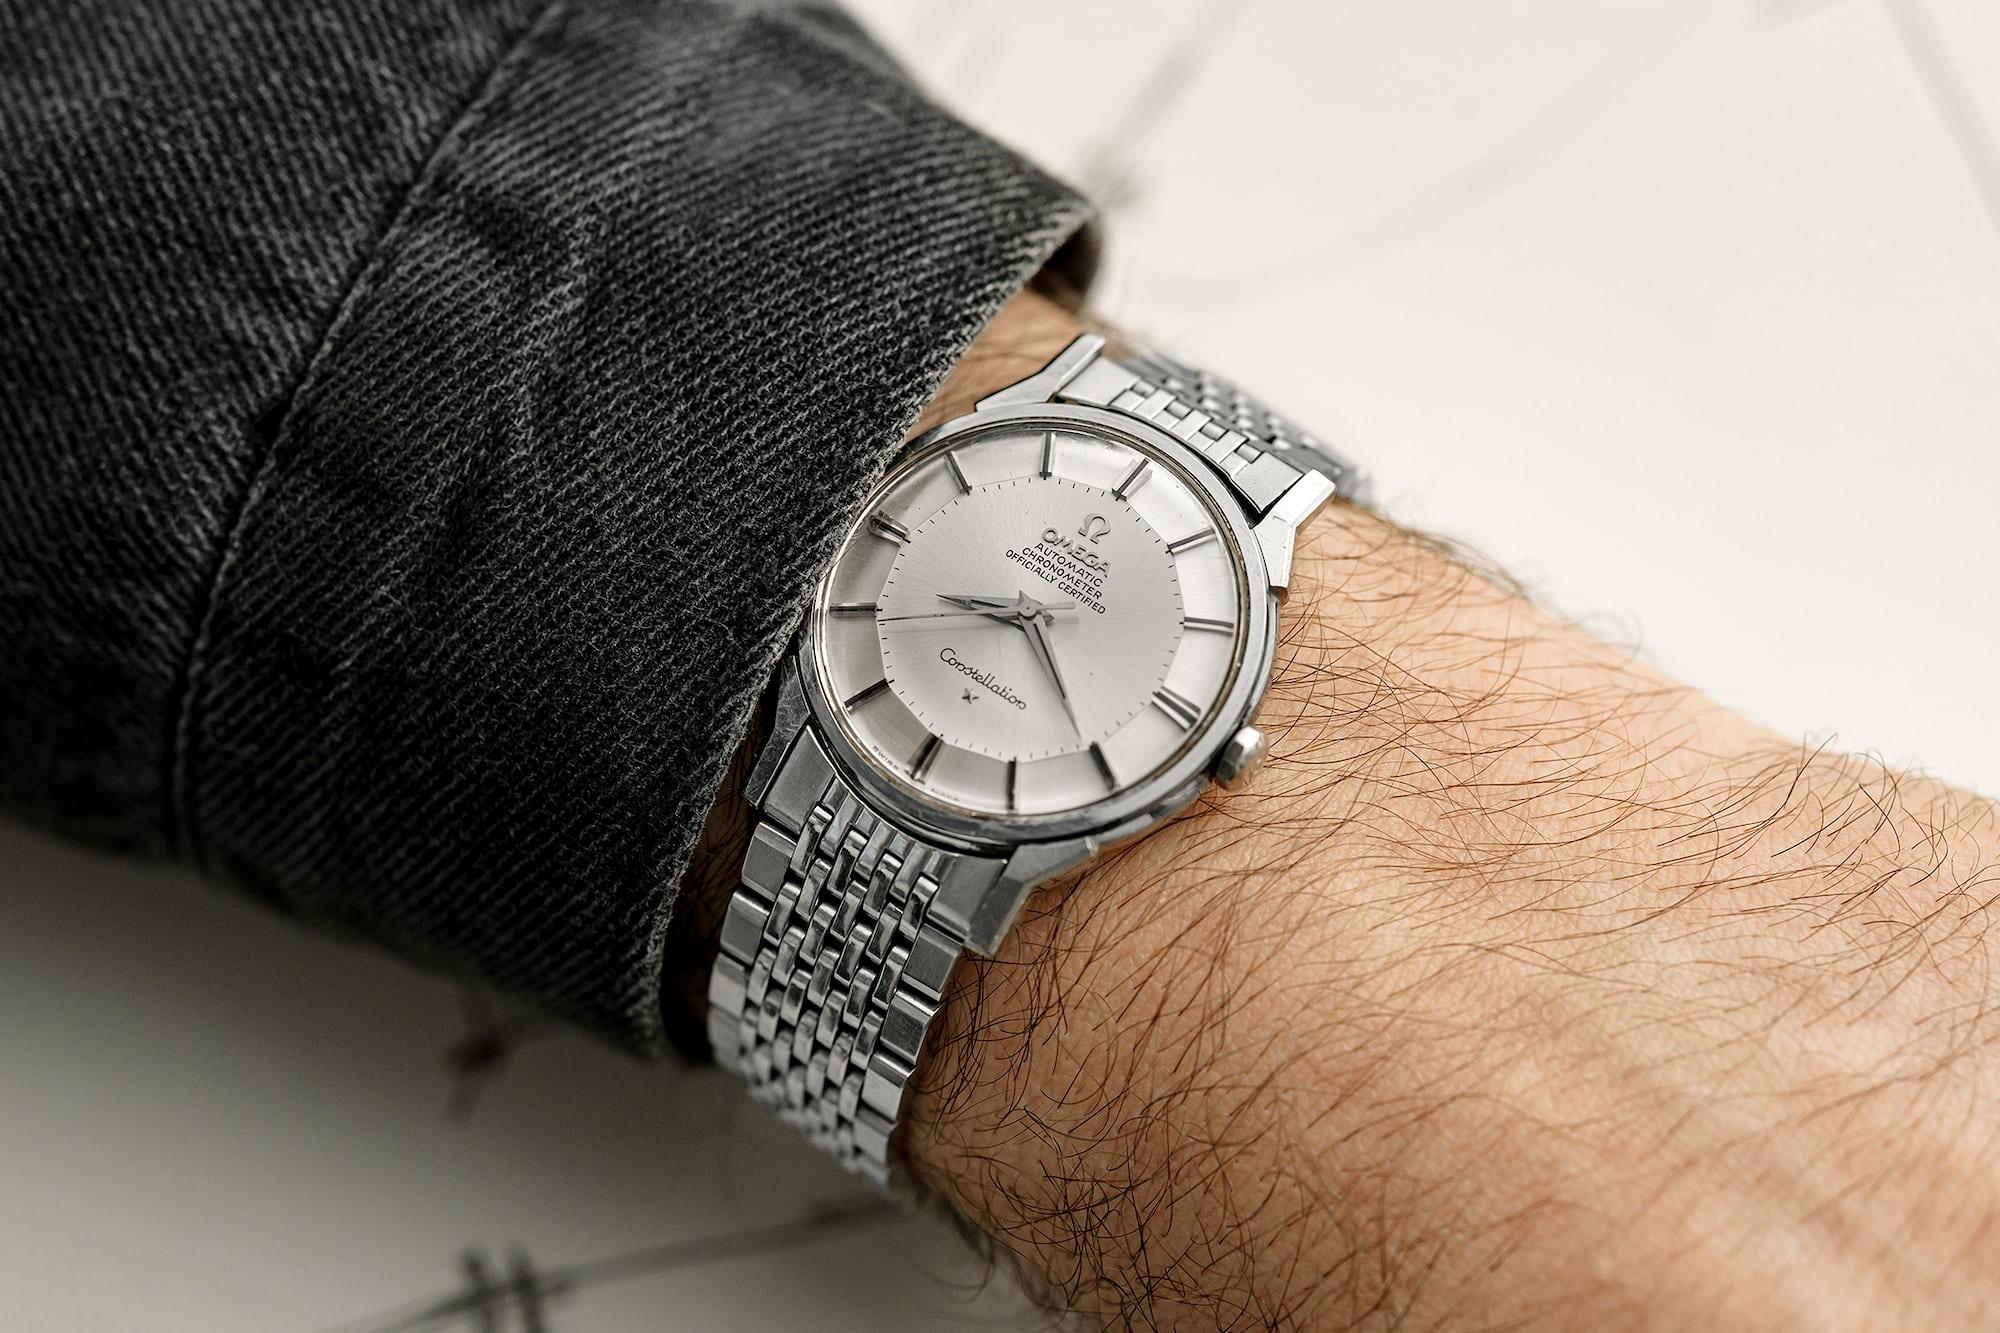 """<p><a href=""""https://shop.hodinkee.com/products/2488-omega-constellation-on-bracelet"""" rel=""""noopener"""" target=""""_blank"""">1966 Omega Constellation Ref. 167.005 With 'Pie-Pan' Dial</a></p>"""